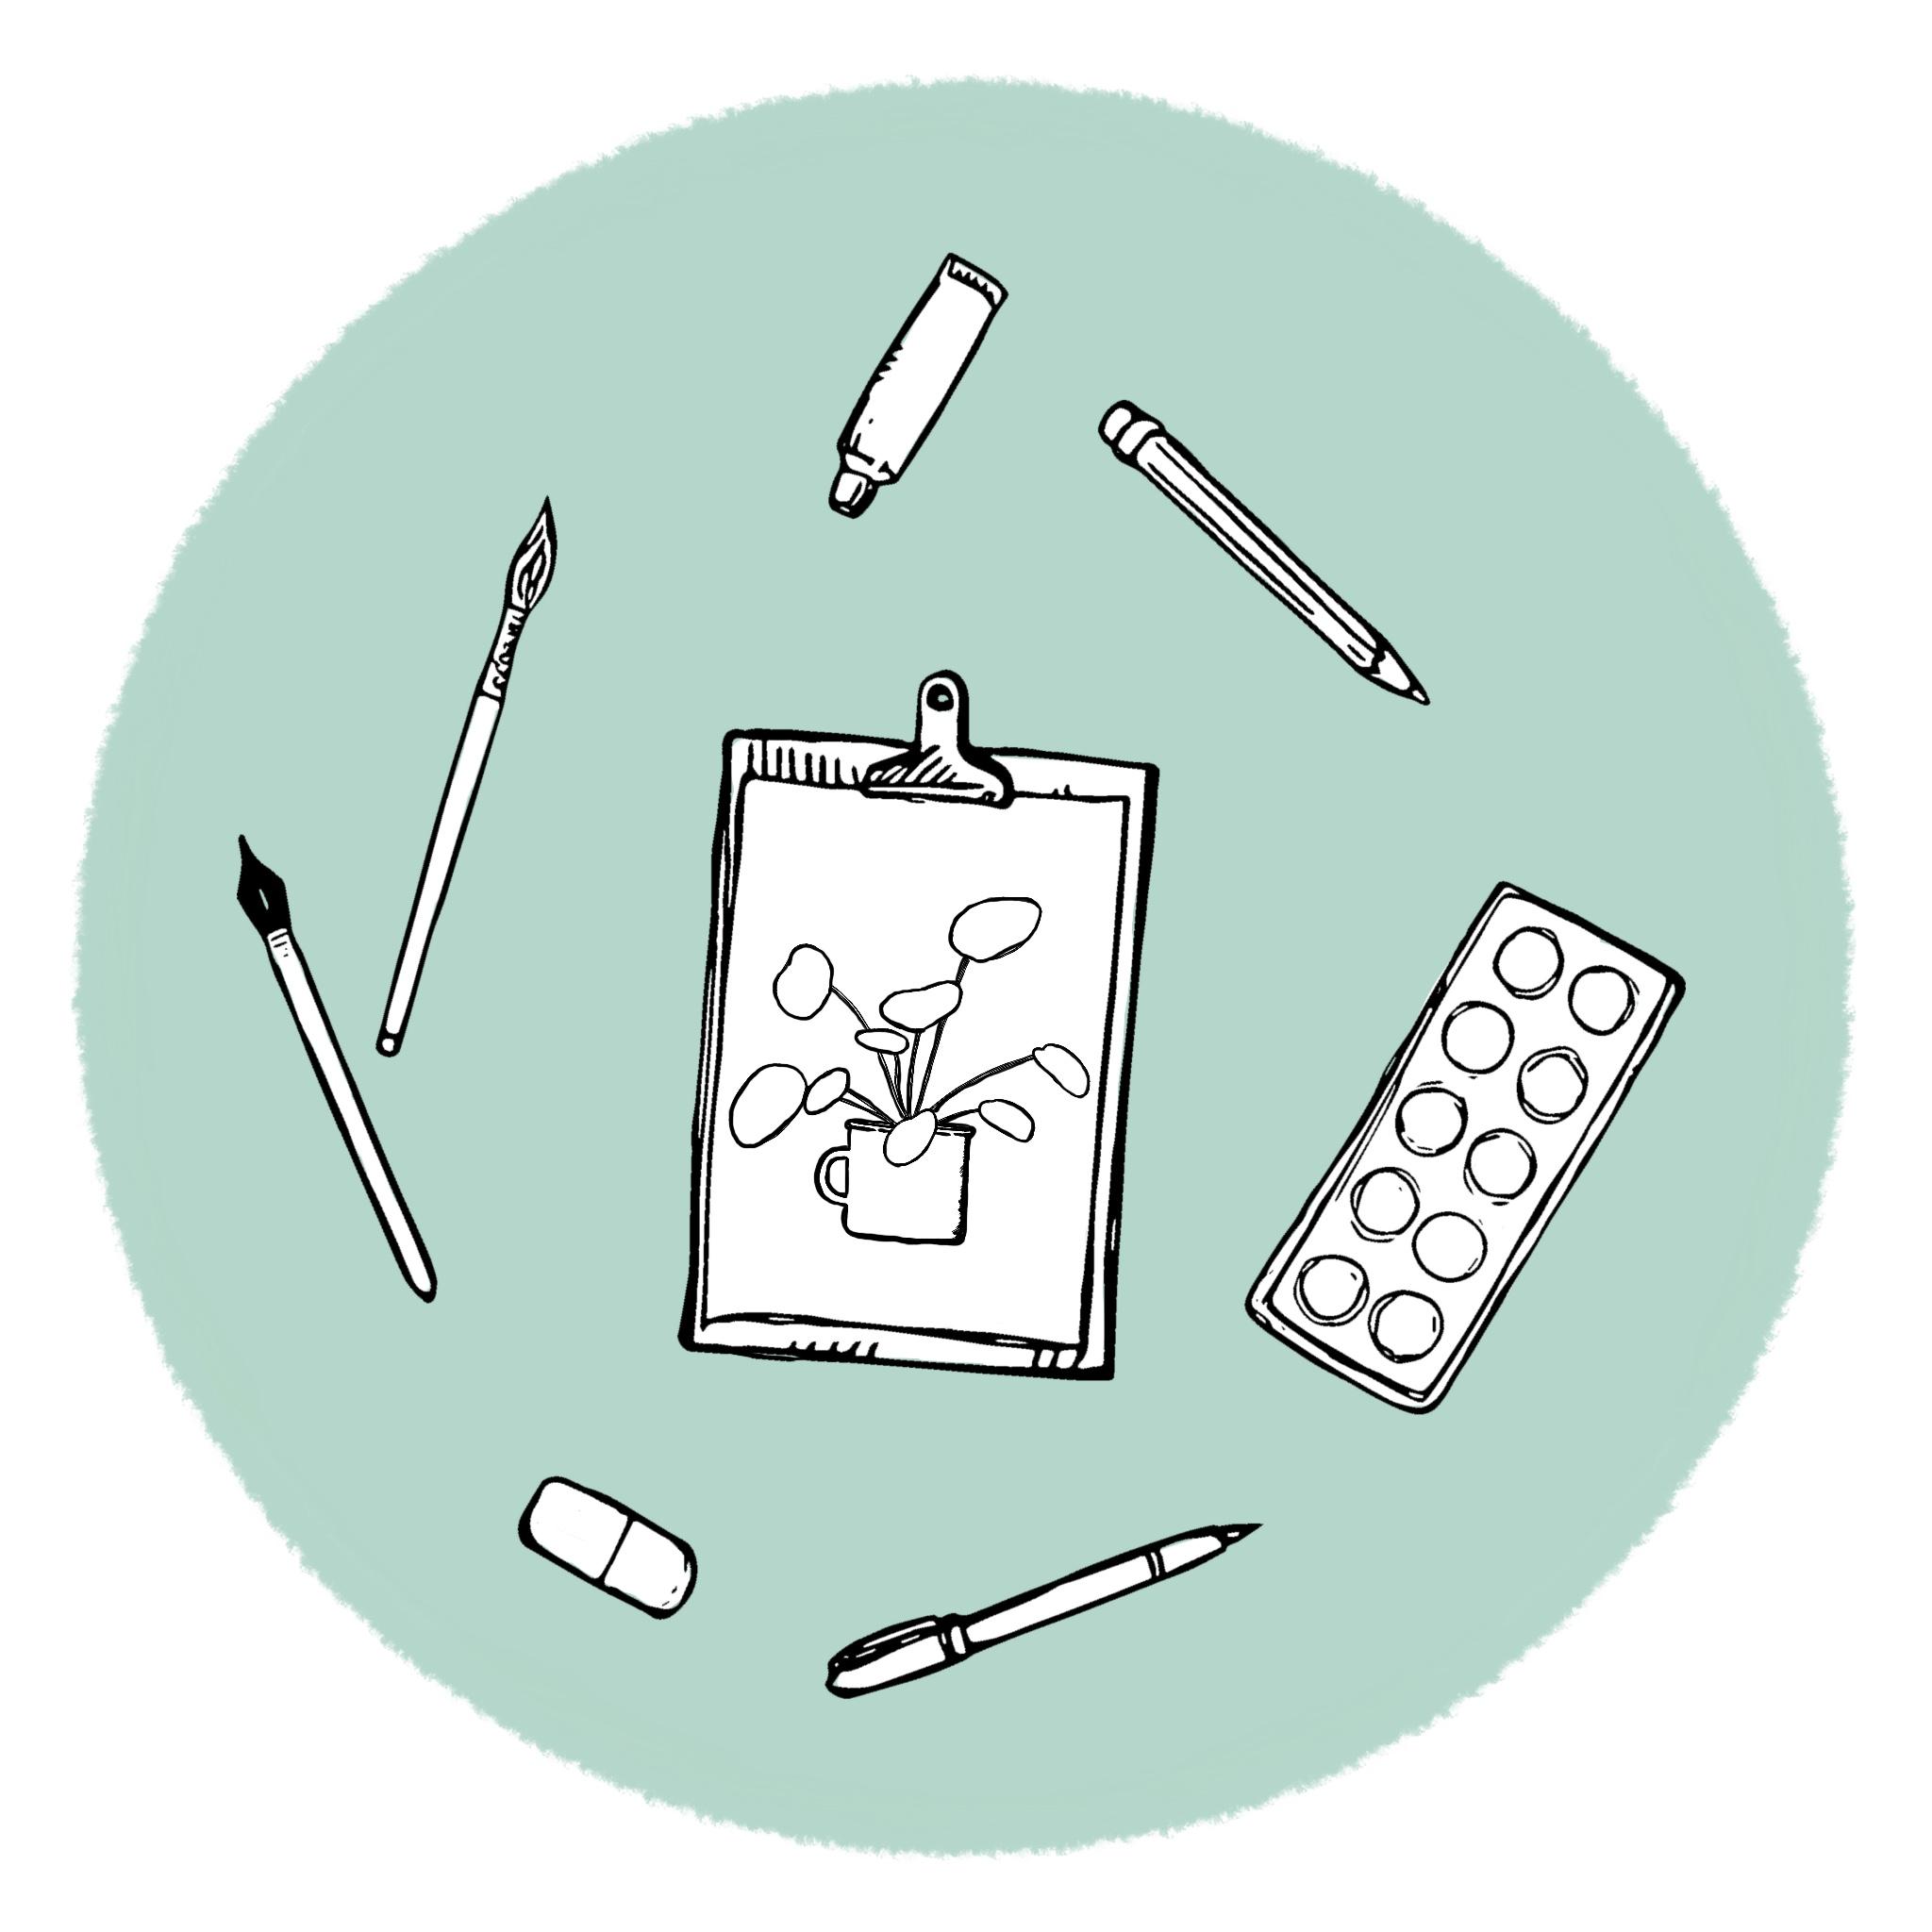 illustratie ontwerp tekening uniek op maat